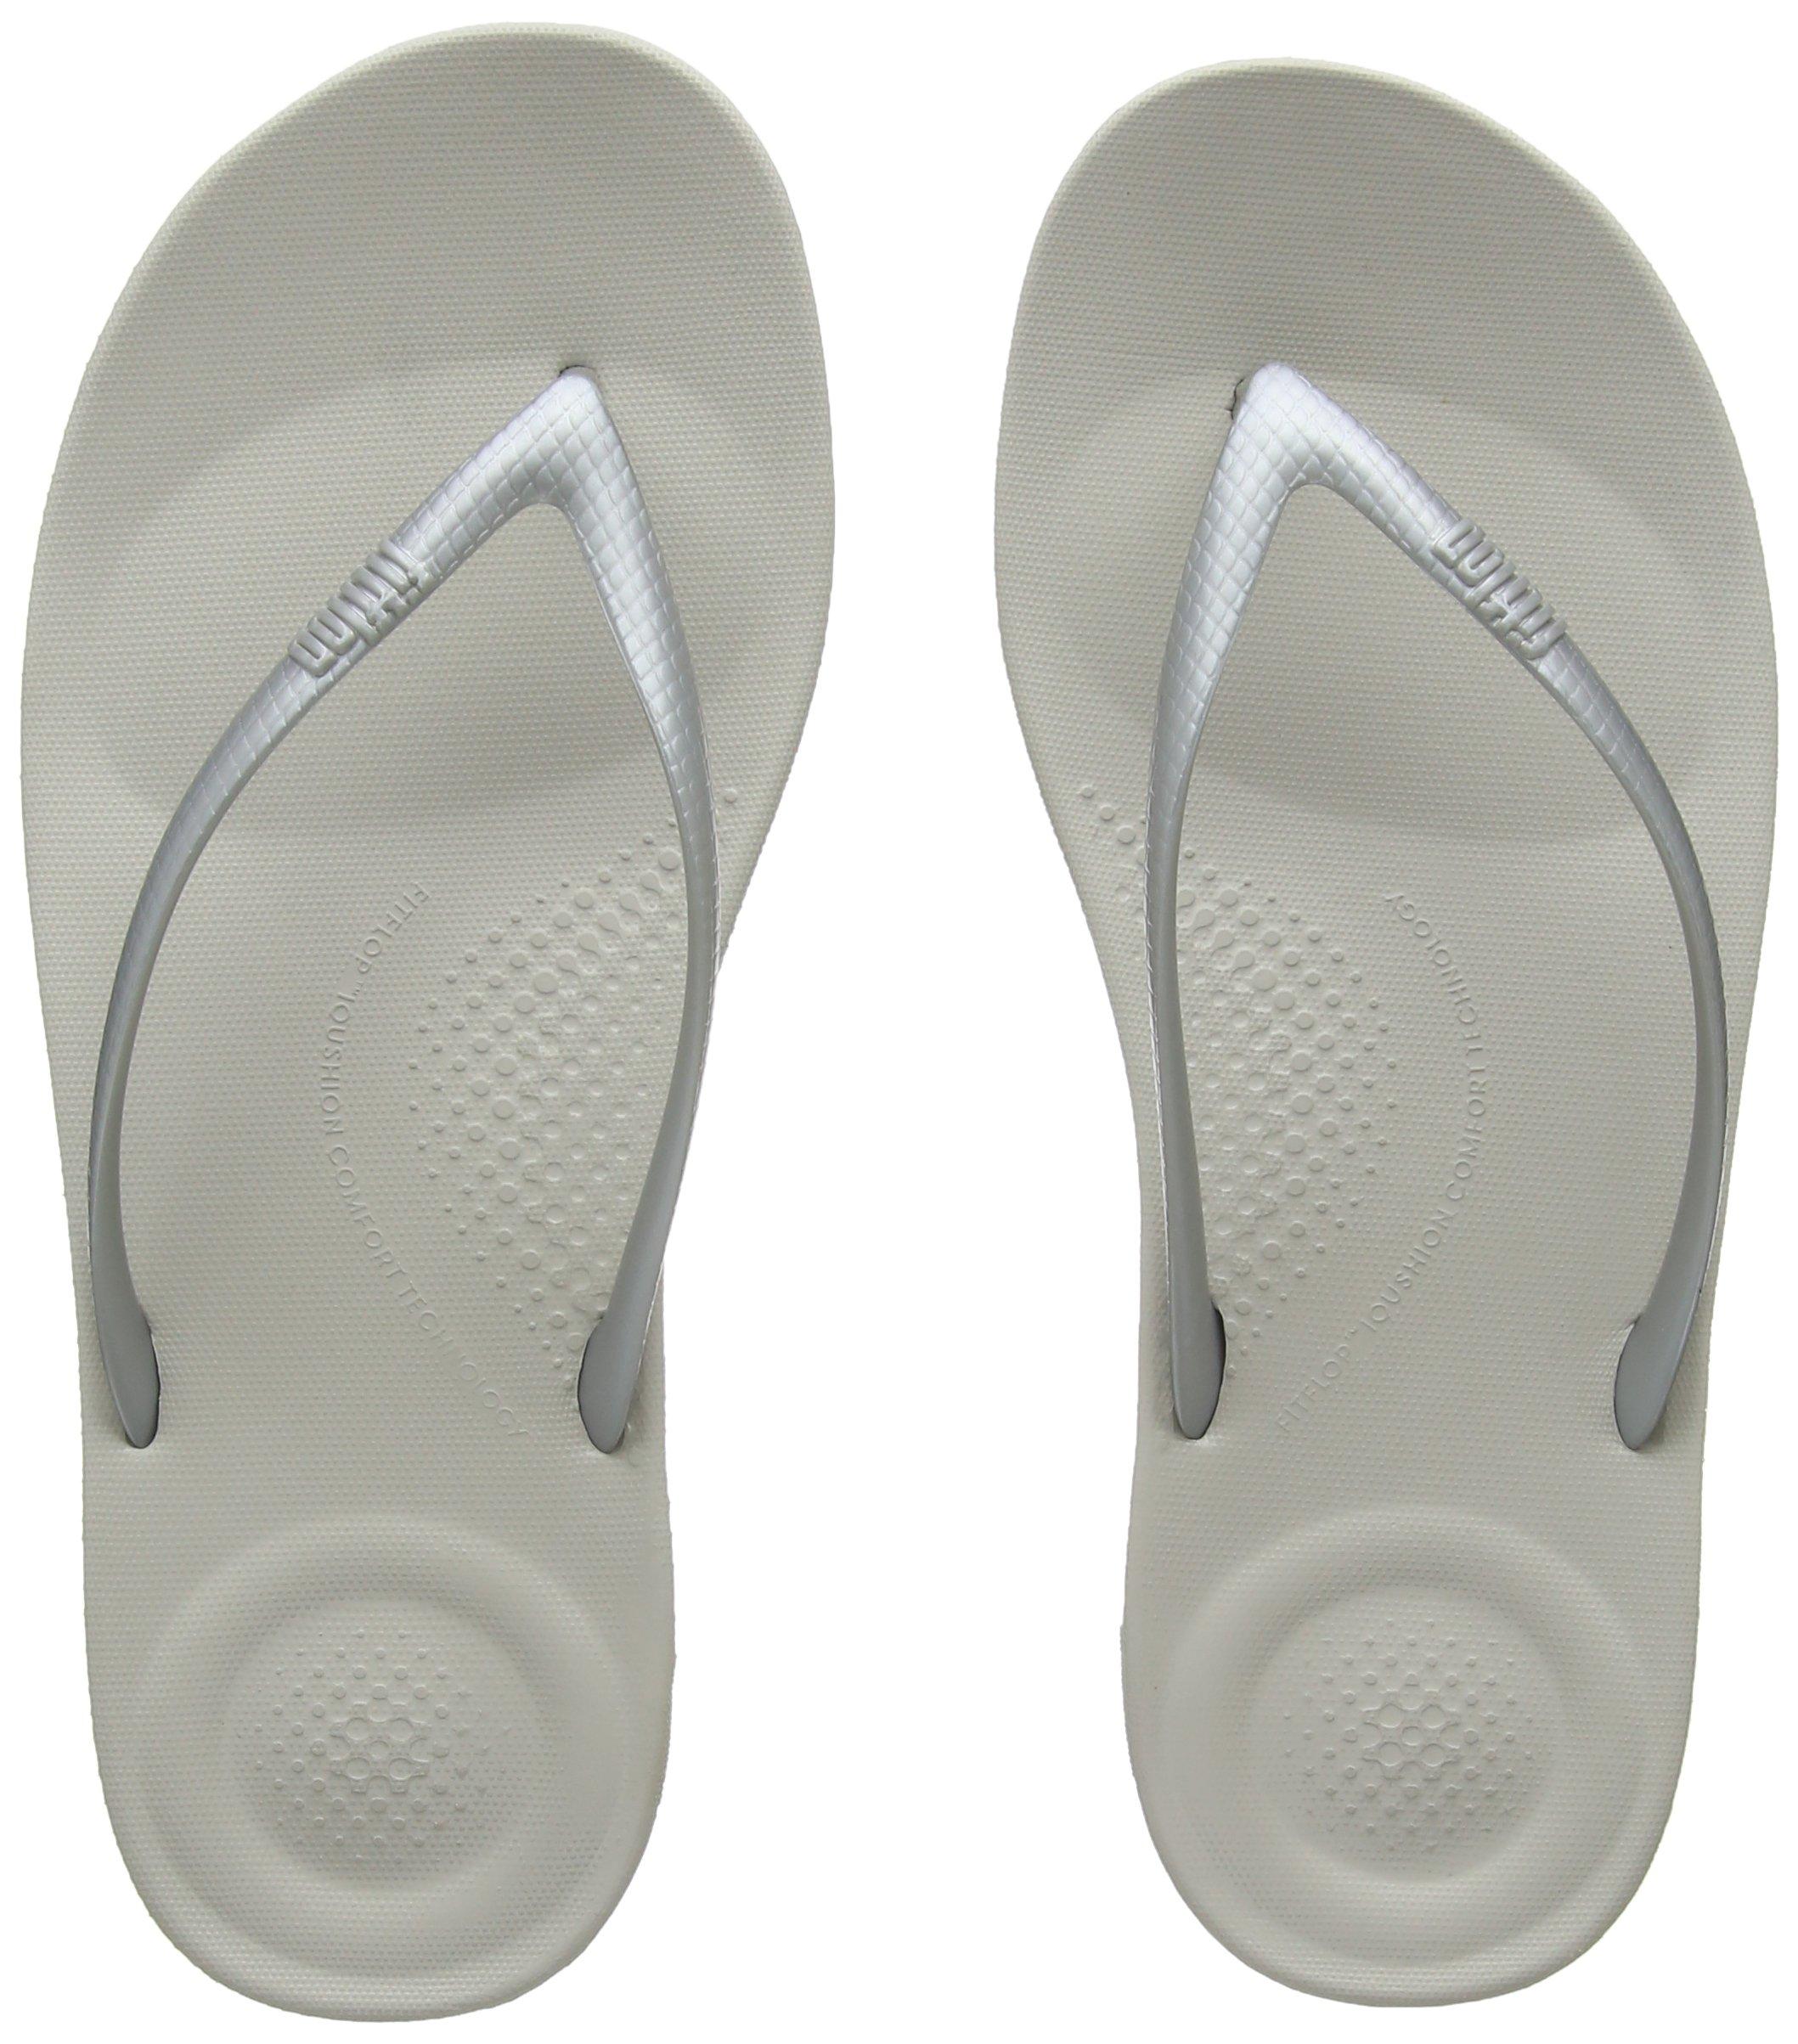 1d01a572e2b957 Galleon - FitFlop Womens Iqushion Ergonomic Flip Flop Shoes